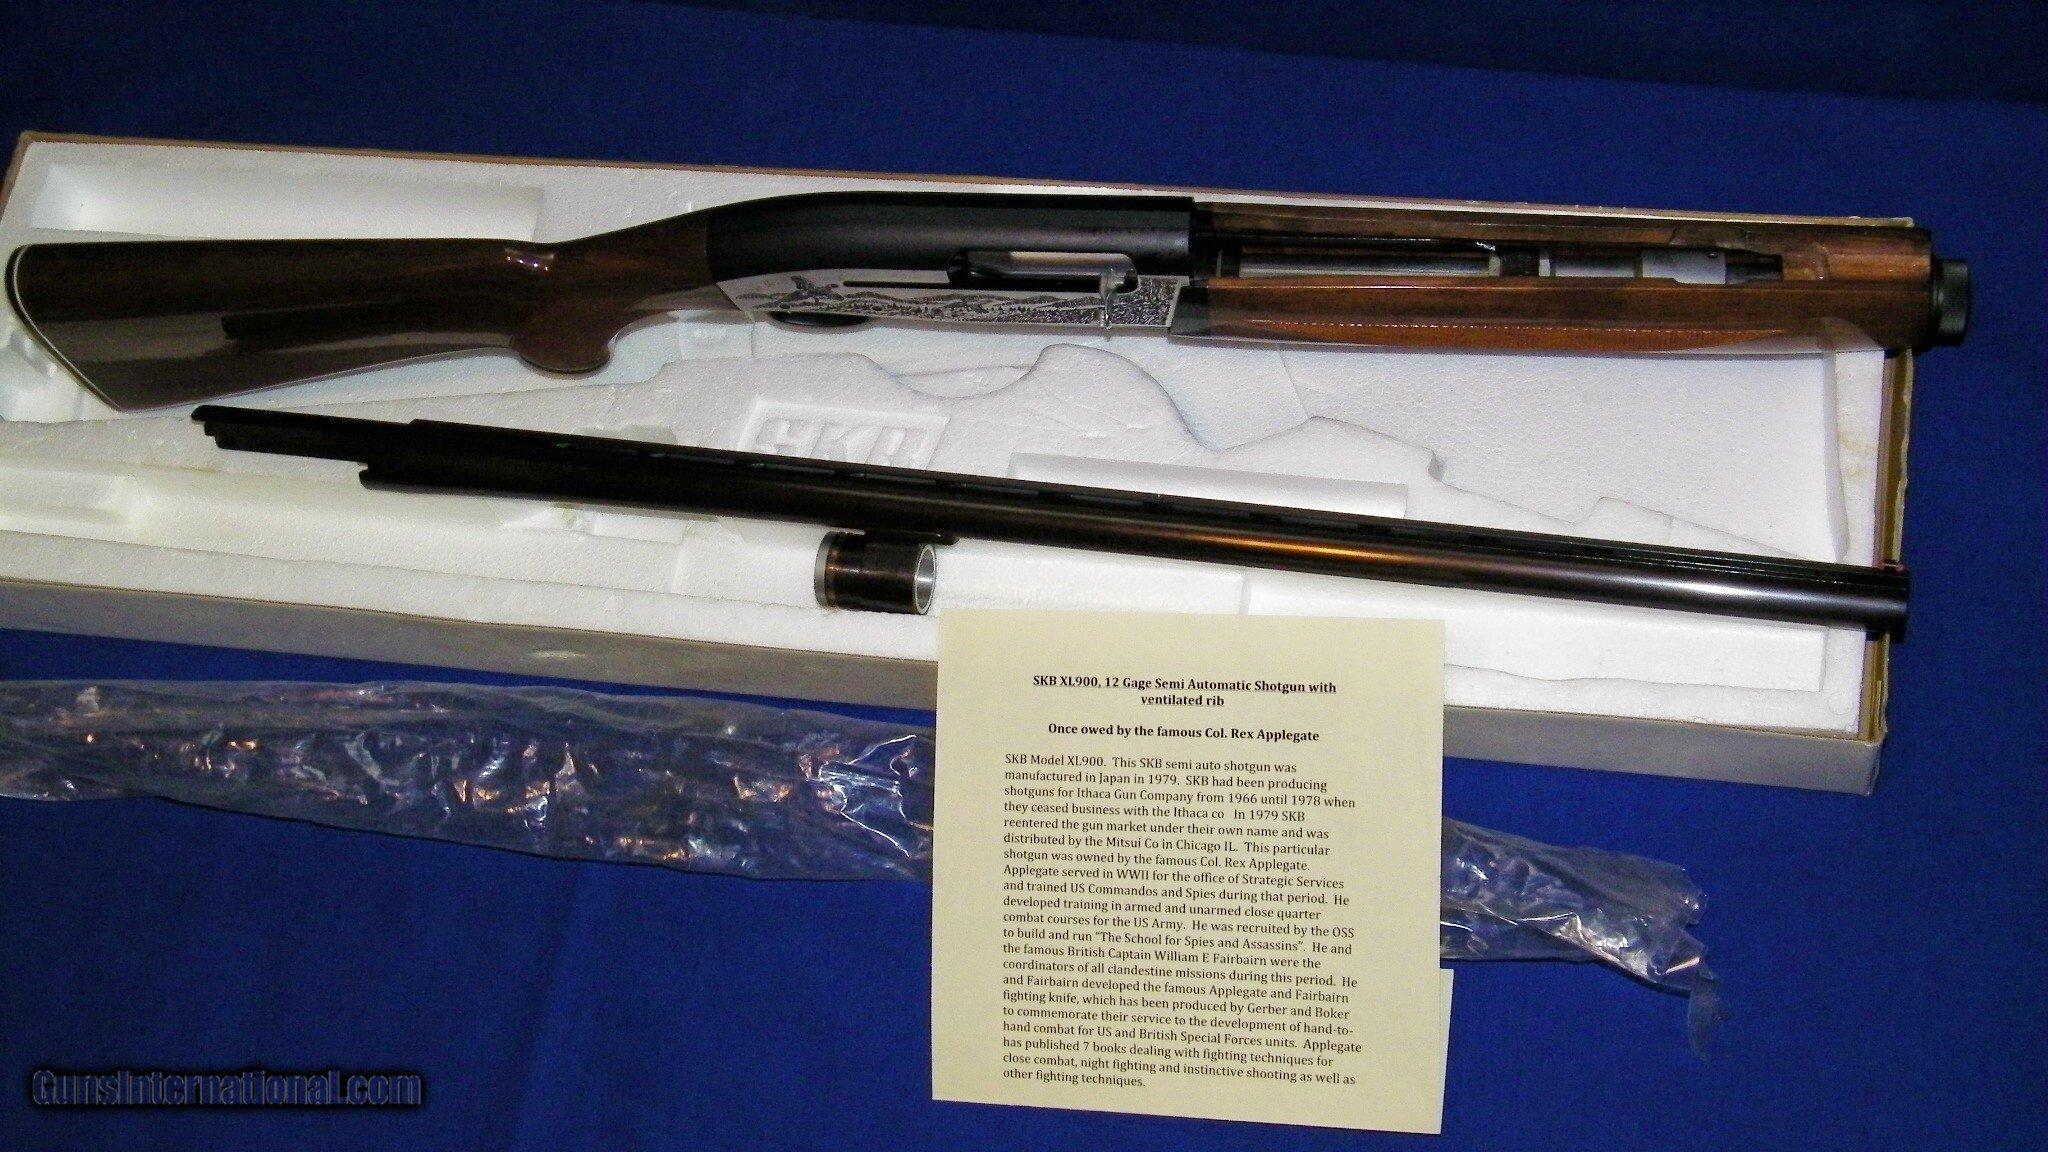 Skb xl 900 shotgun parts